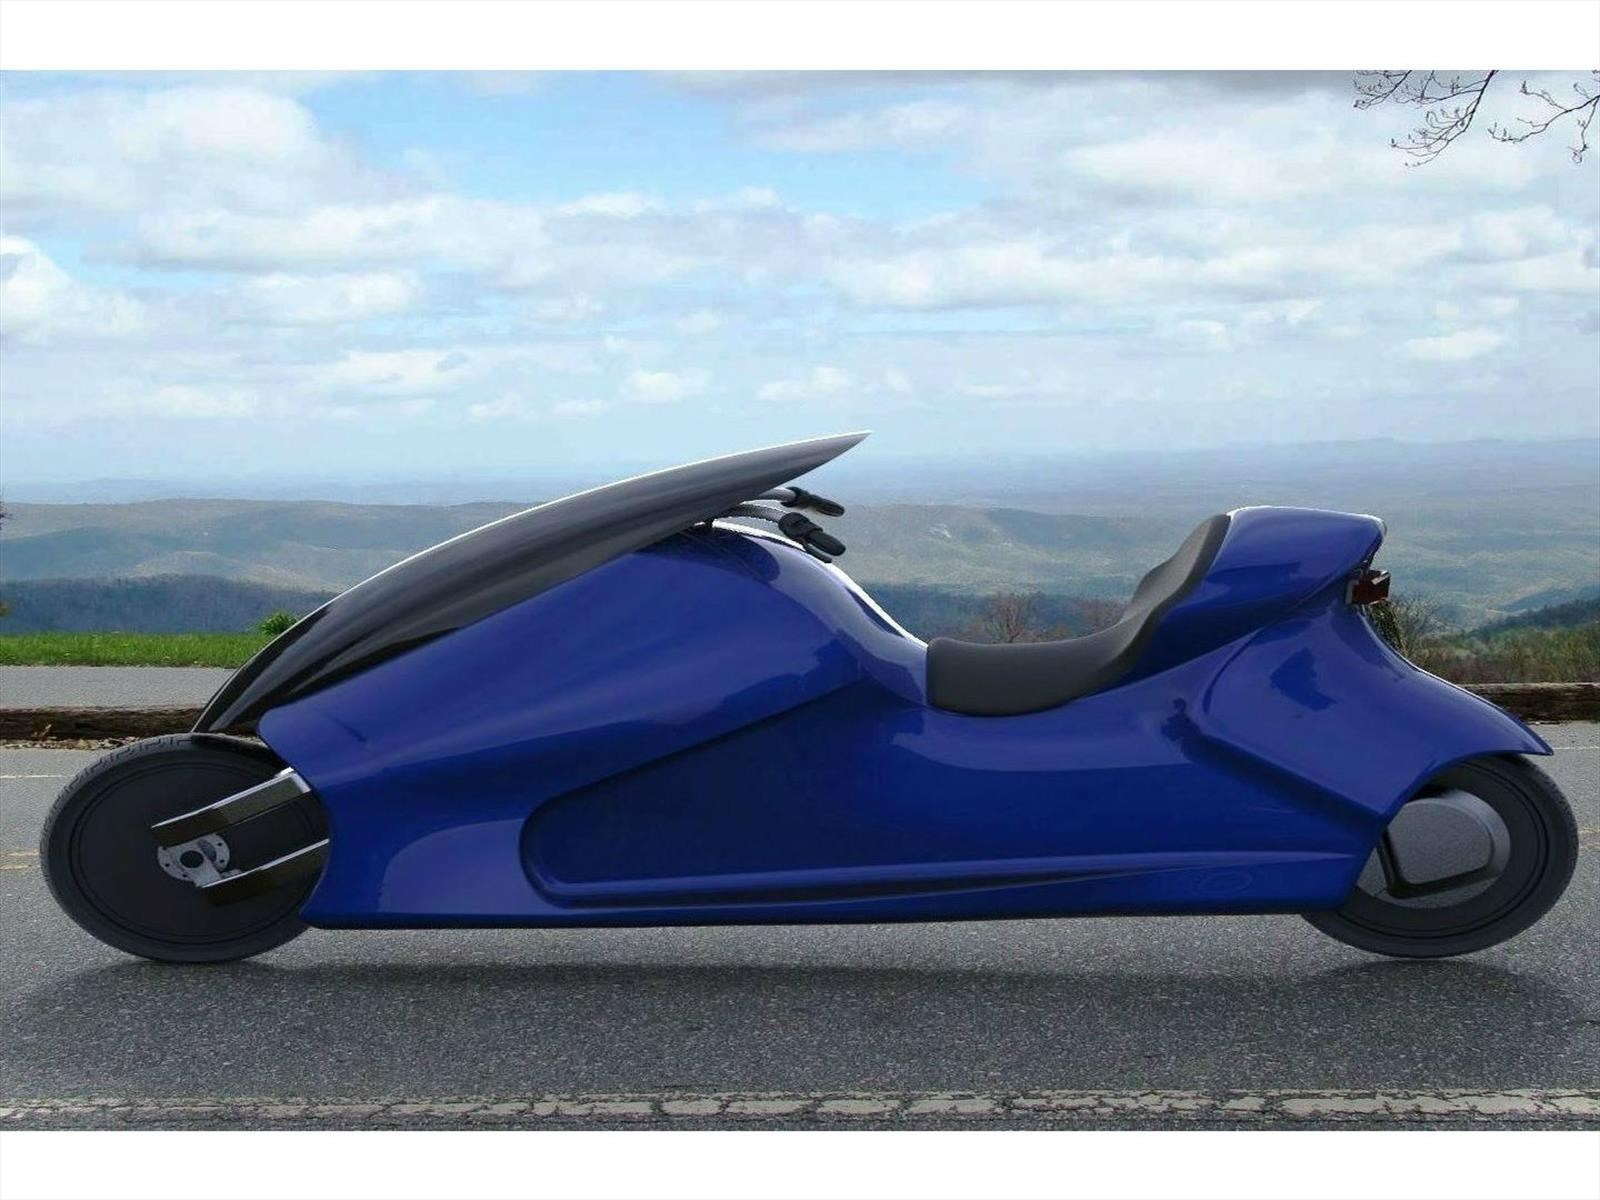 GyroCycle, la moto eléctrica que mantiene el equilibrio automáticamente